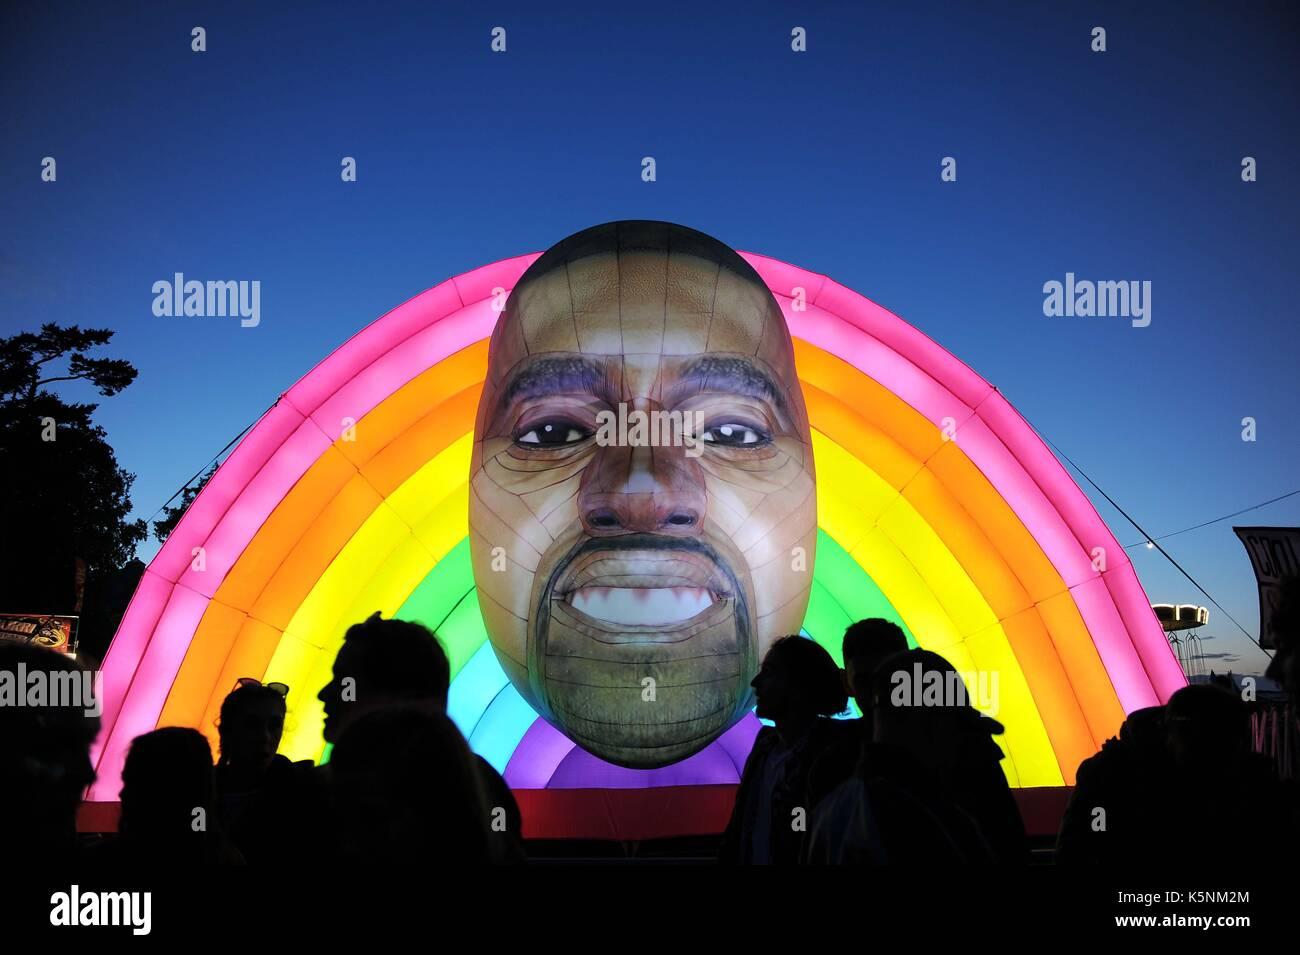 Kanye West inflables en bestival festival de música. Crédito: Kanye West inflable finnbarr webster/alamy live news Imagen De Stock